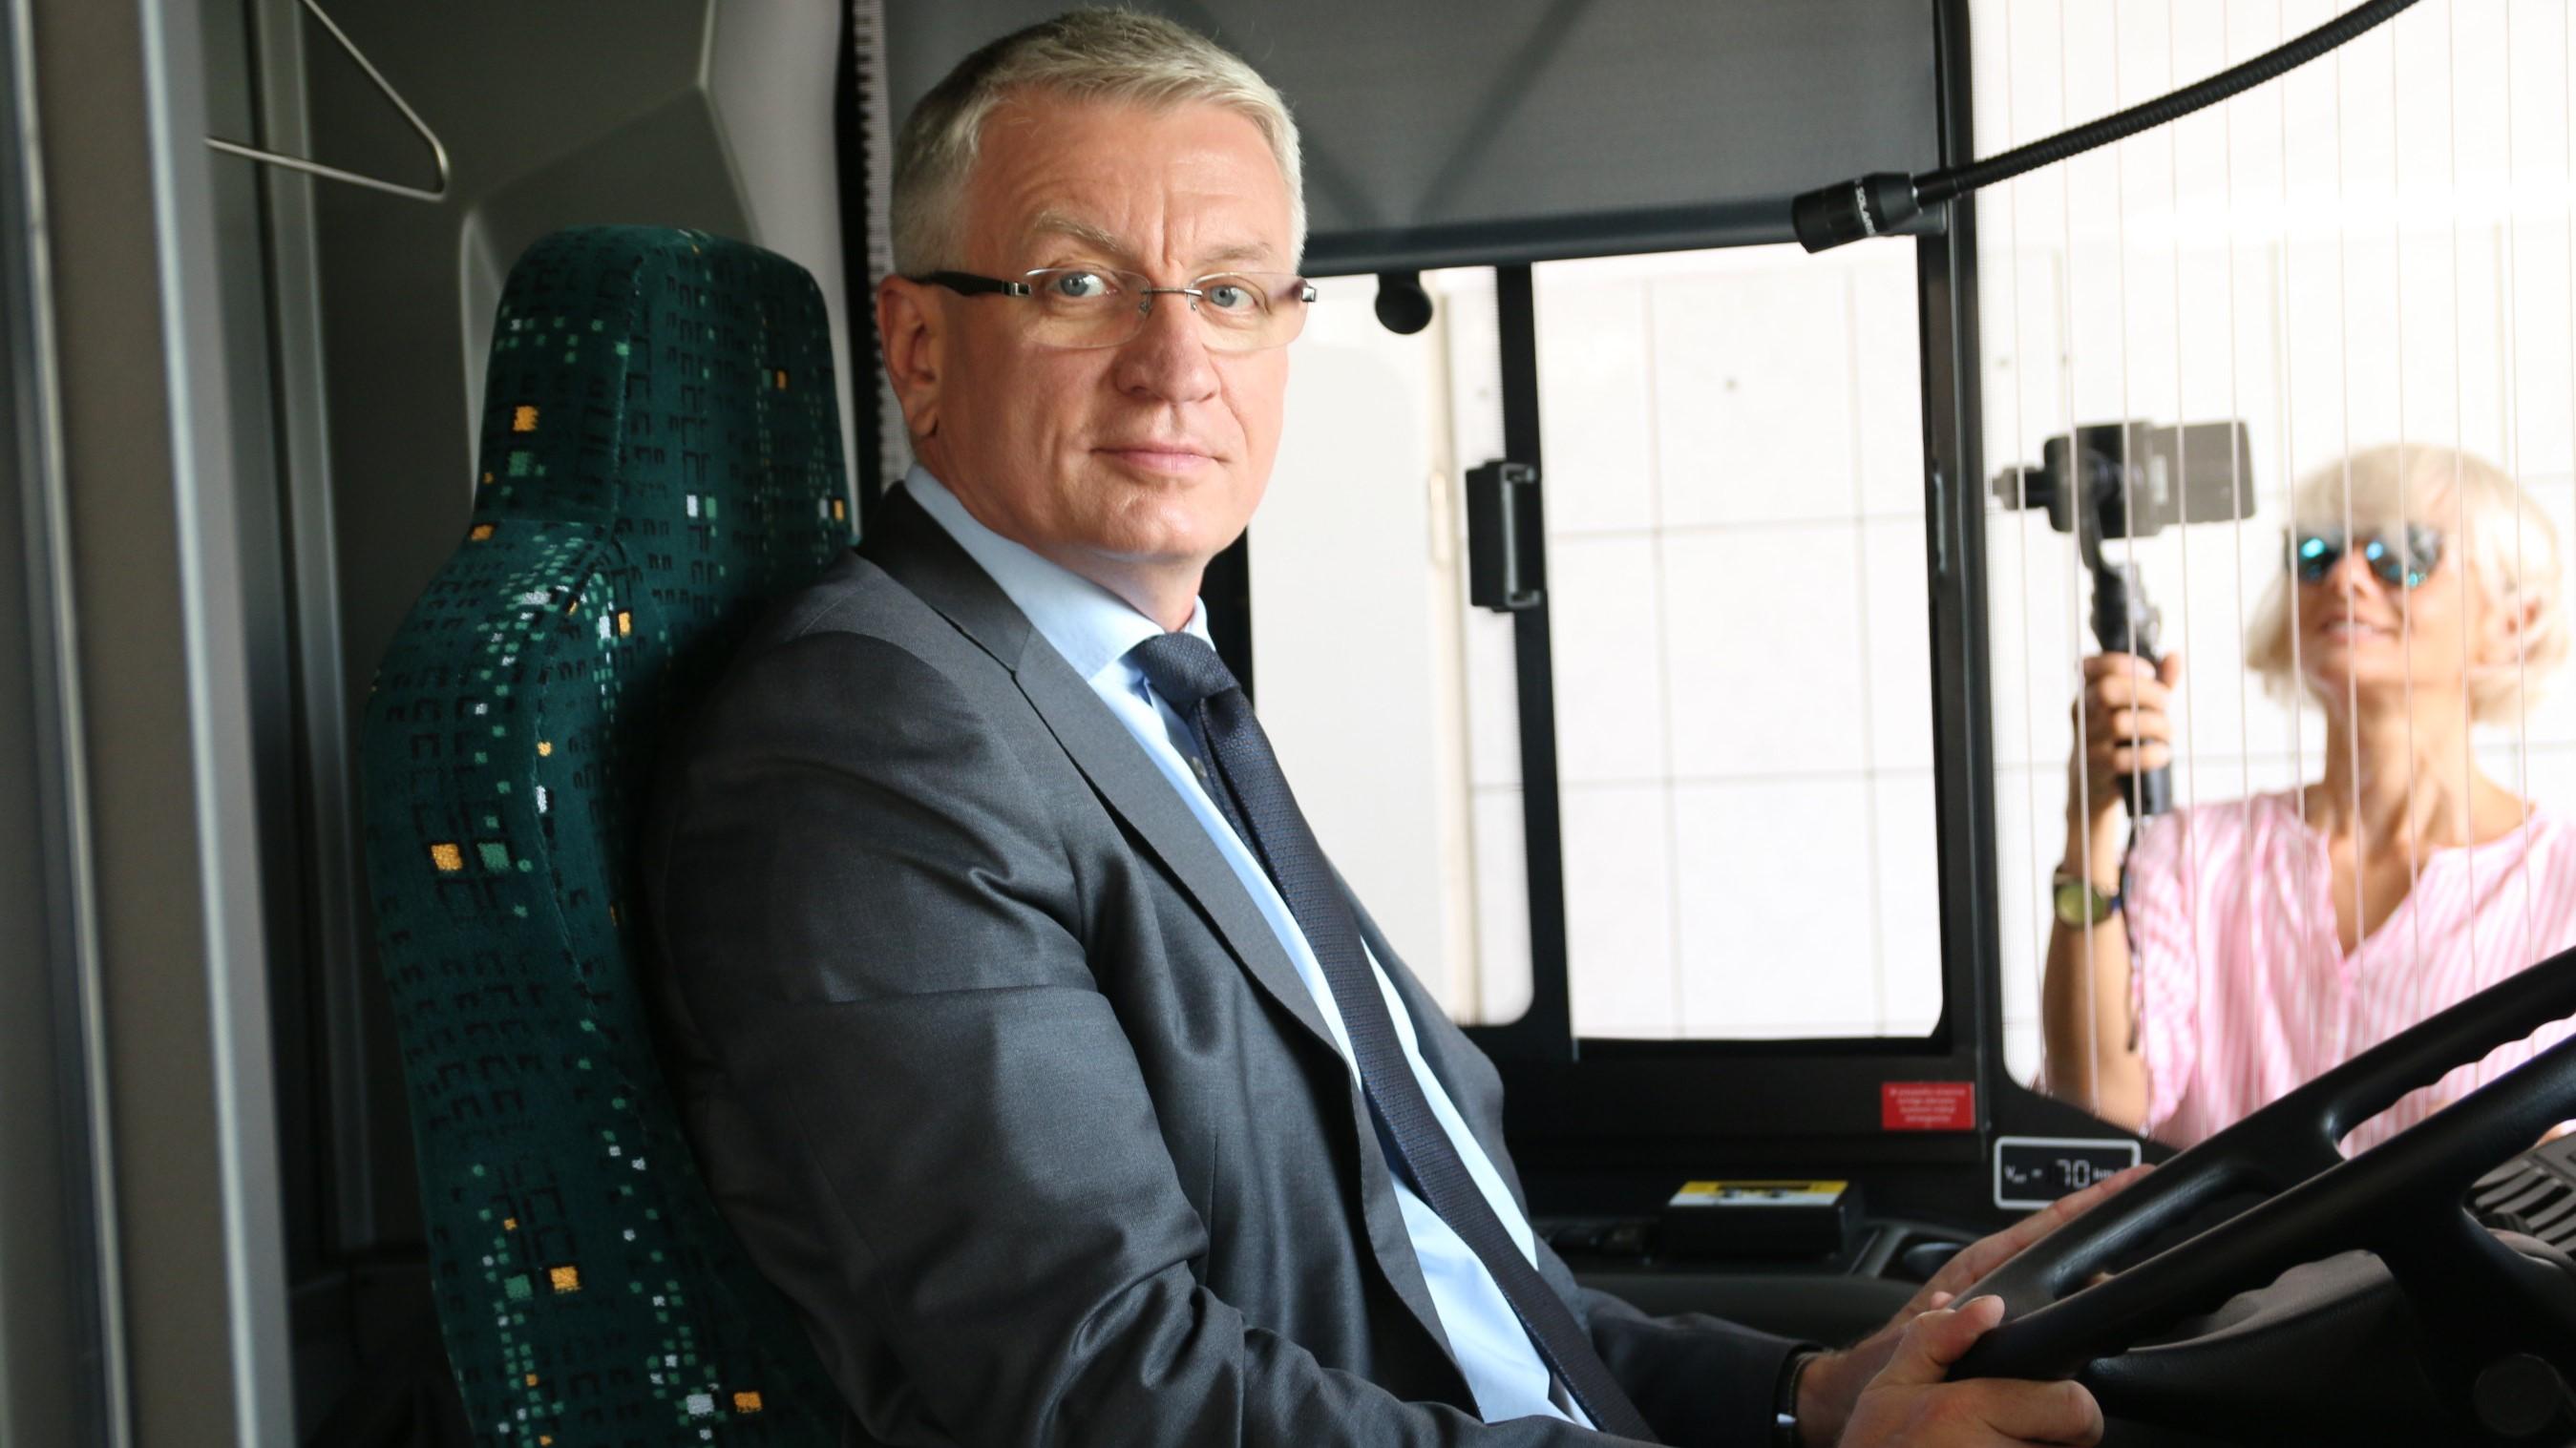 Jacek Jaśkowiak w autobusie solaris mpk - Błażej Prochera